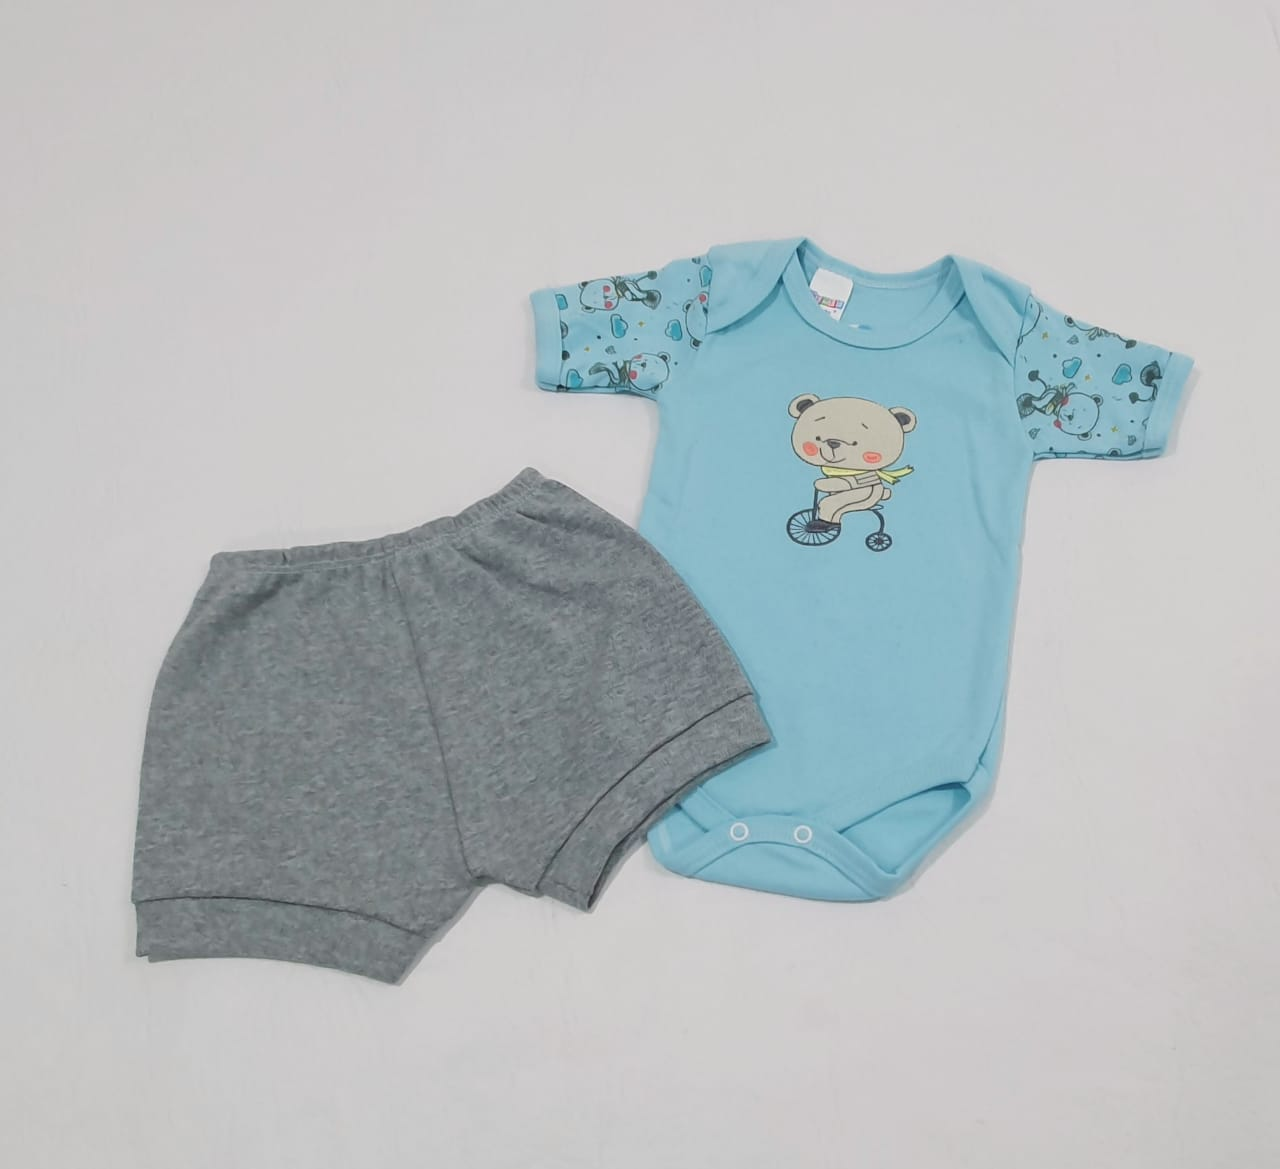 Conjuntinho Estampado e Bordado - Body e shorts - 02 Peças - 100% Algodão - Gente Miúda